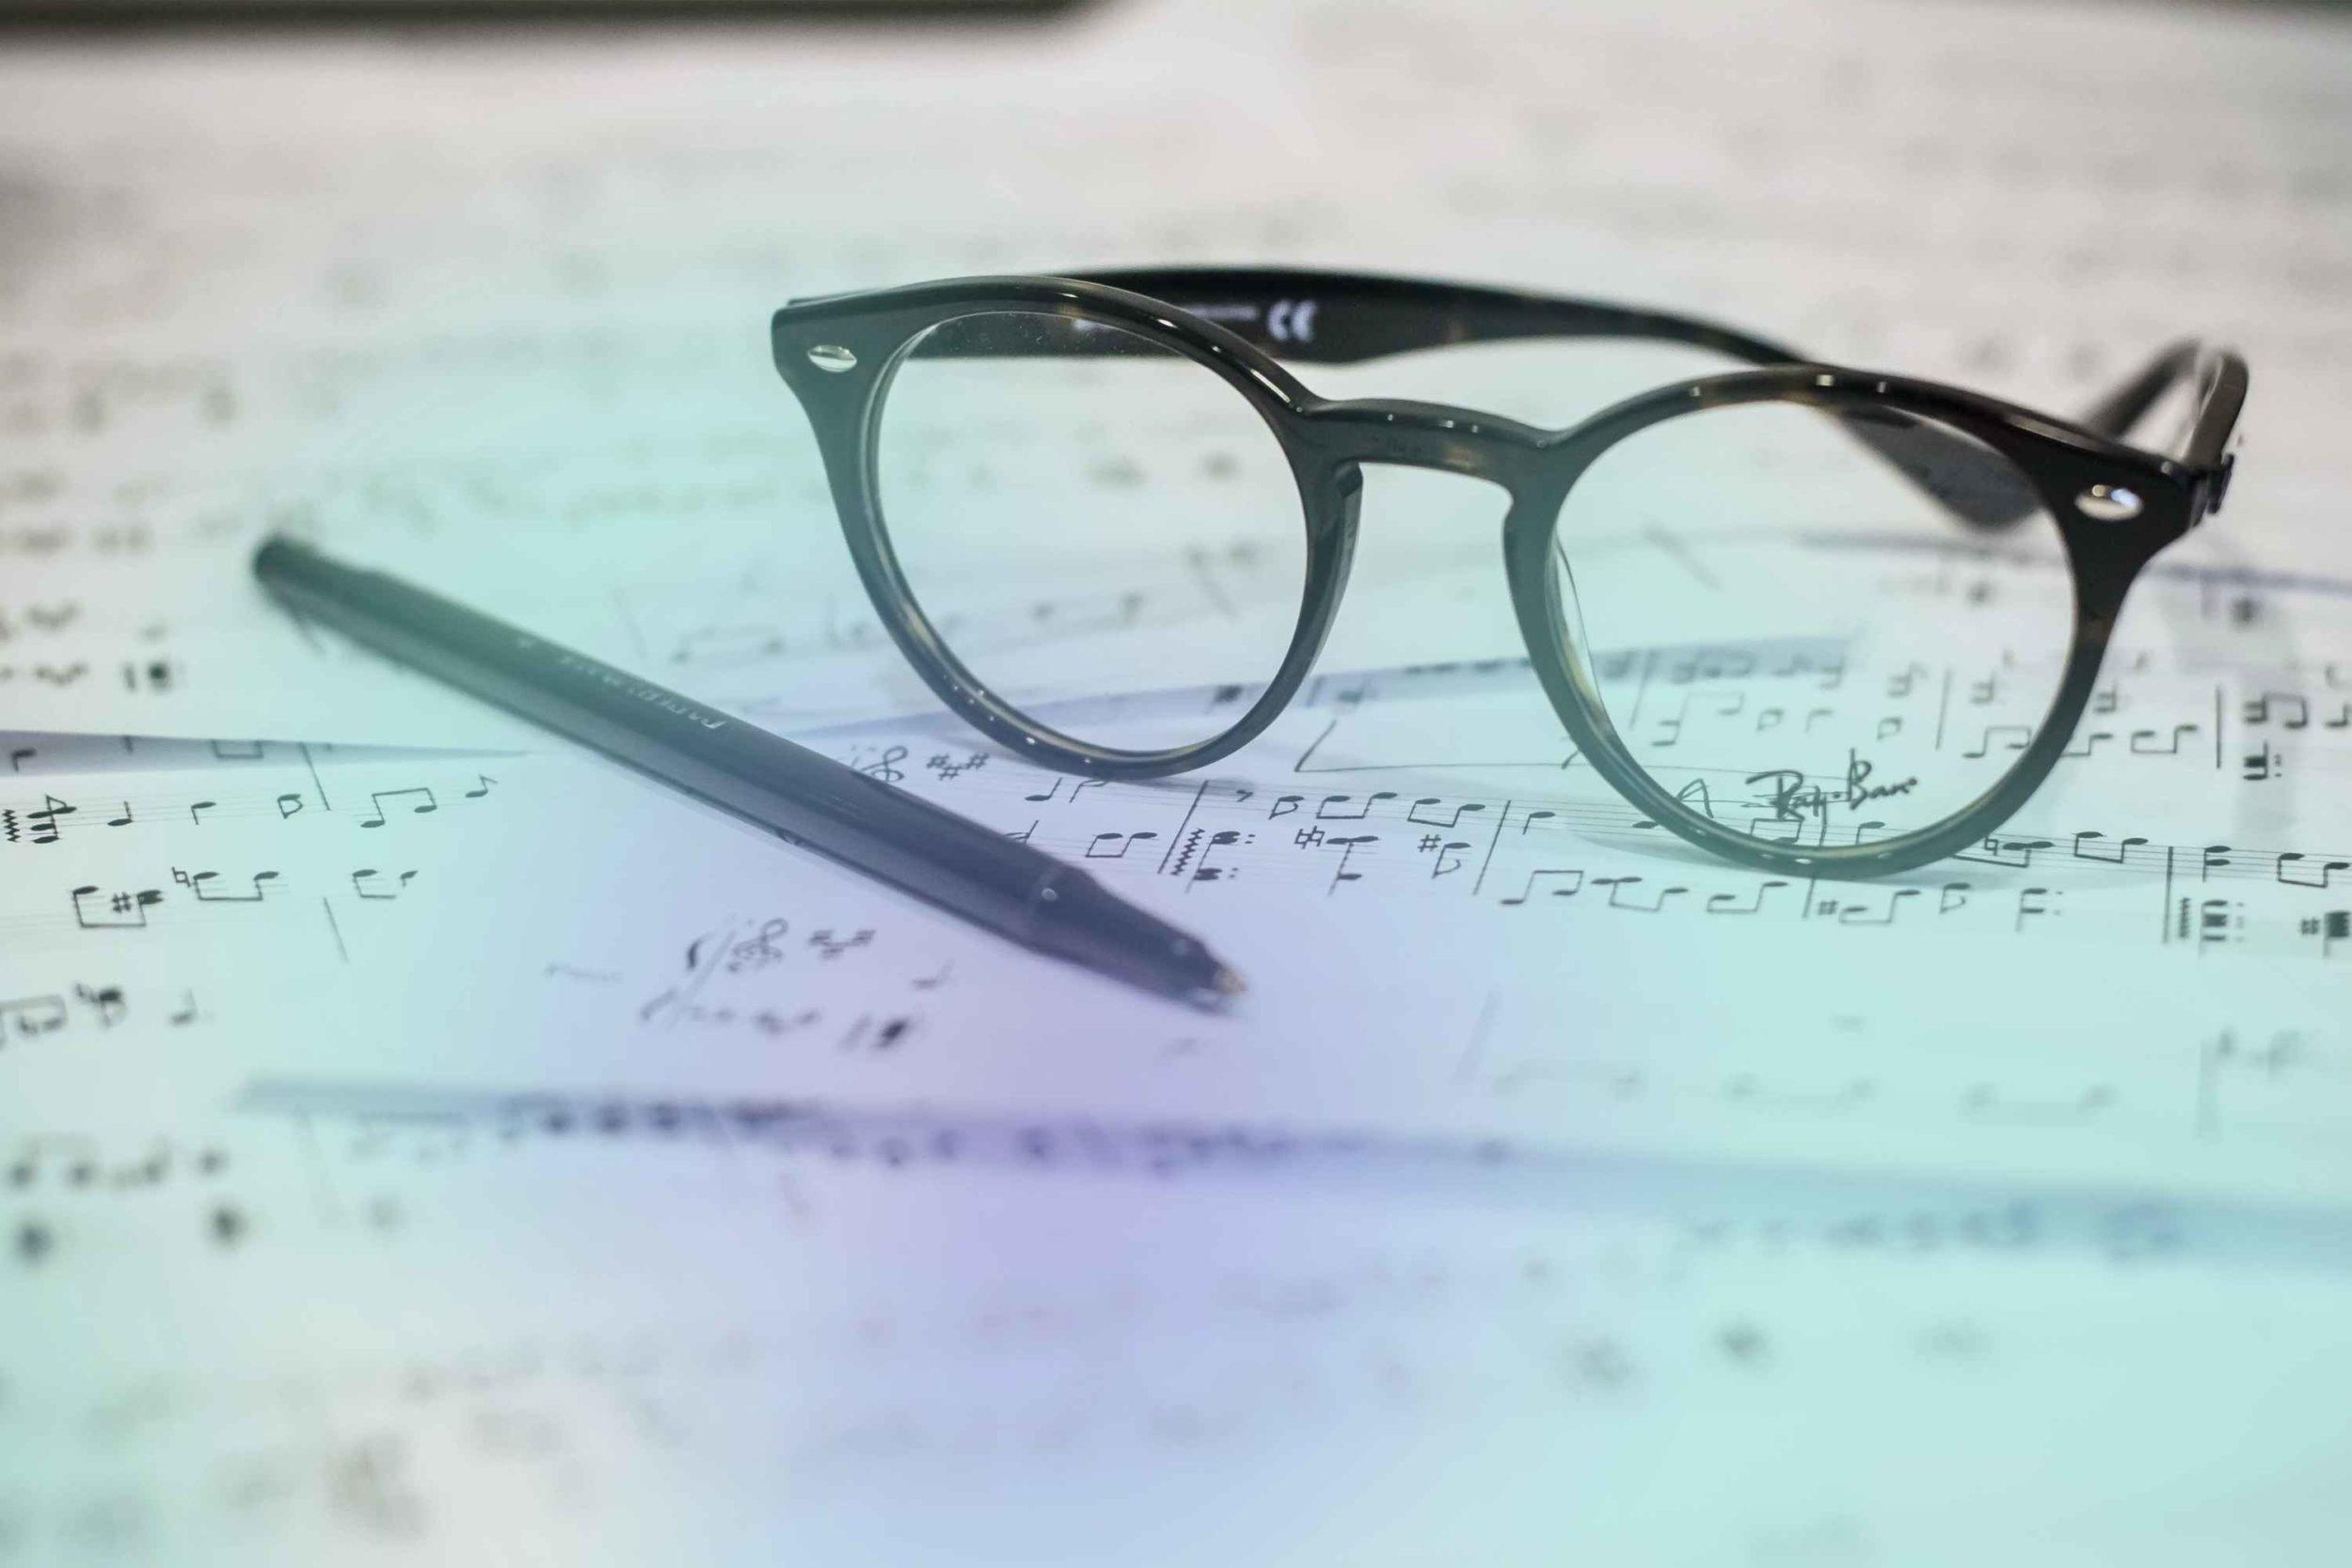 Brille und Stift auf Notenblättern